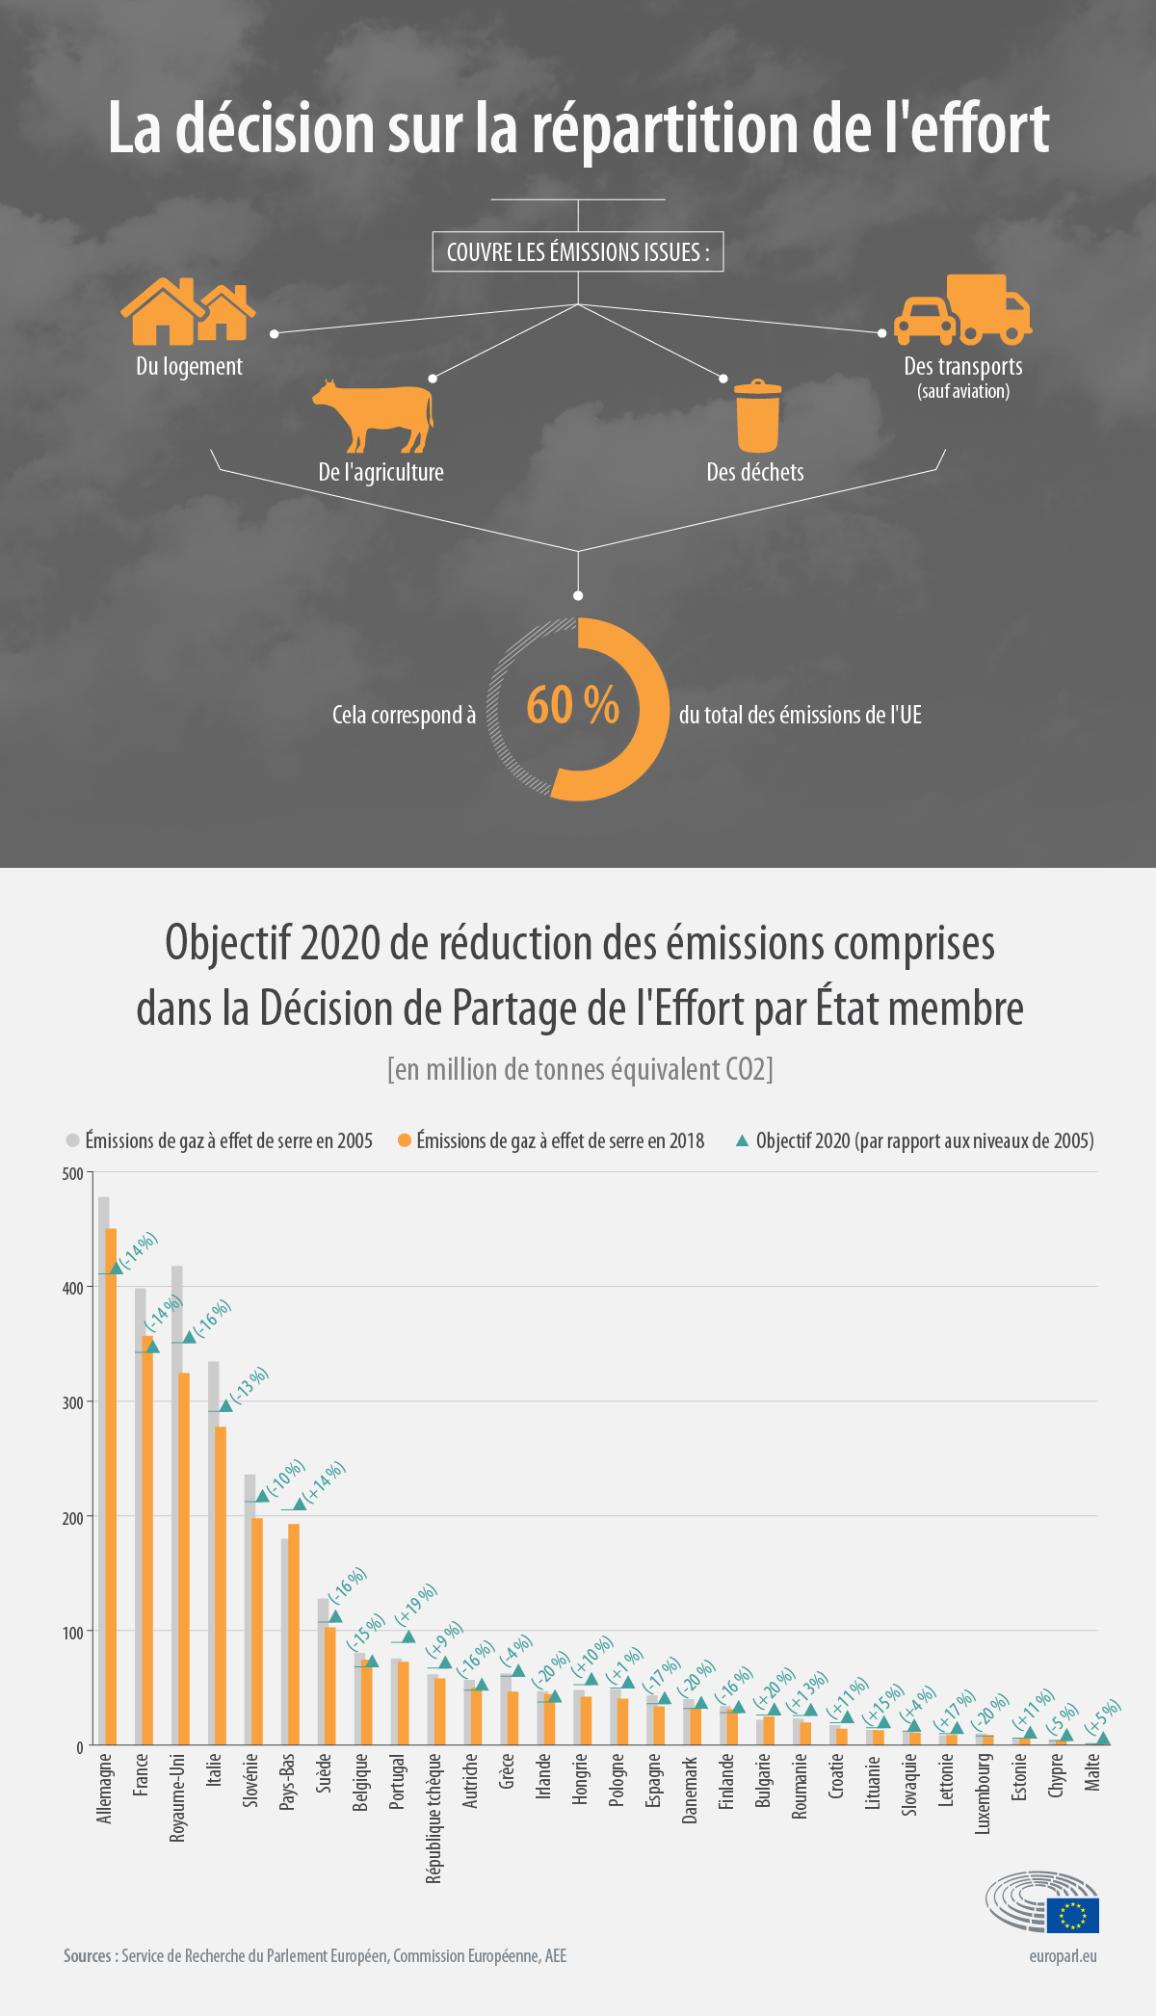 Infographie montrant les émissions des pays de l'UE en 2005 et en 2018, comparant les progrès vers les objectifs de 2020